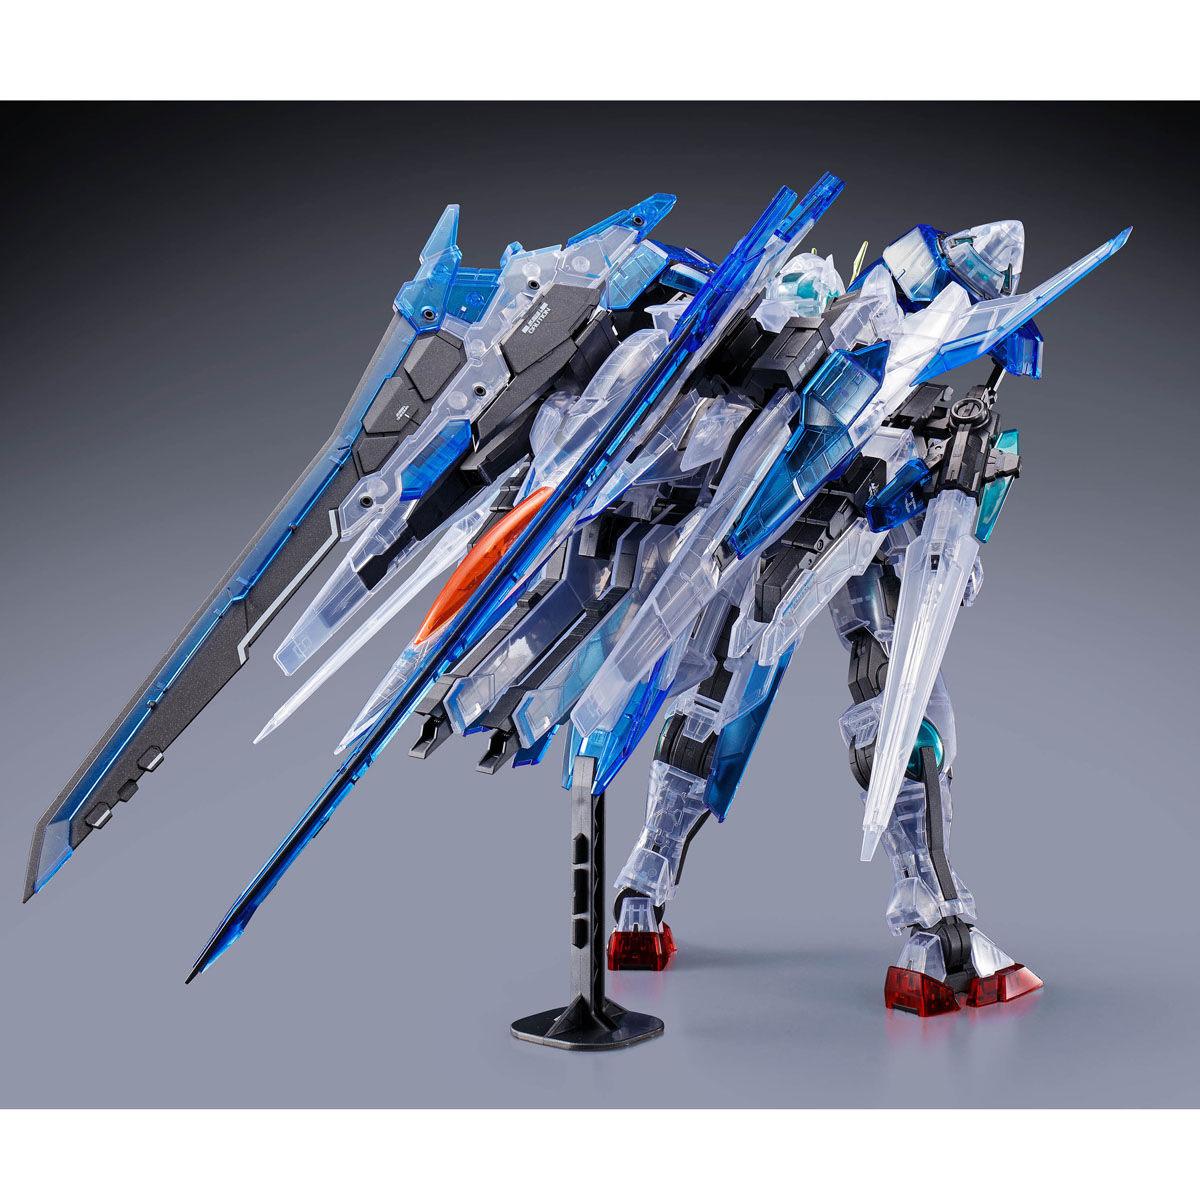 【限定販売】MG 1/100『ダブルオーザンライザー[クリアカラー]』機動戦士ガンダム00V プラモデル-003